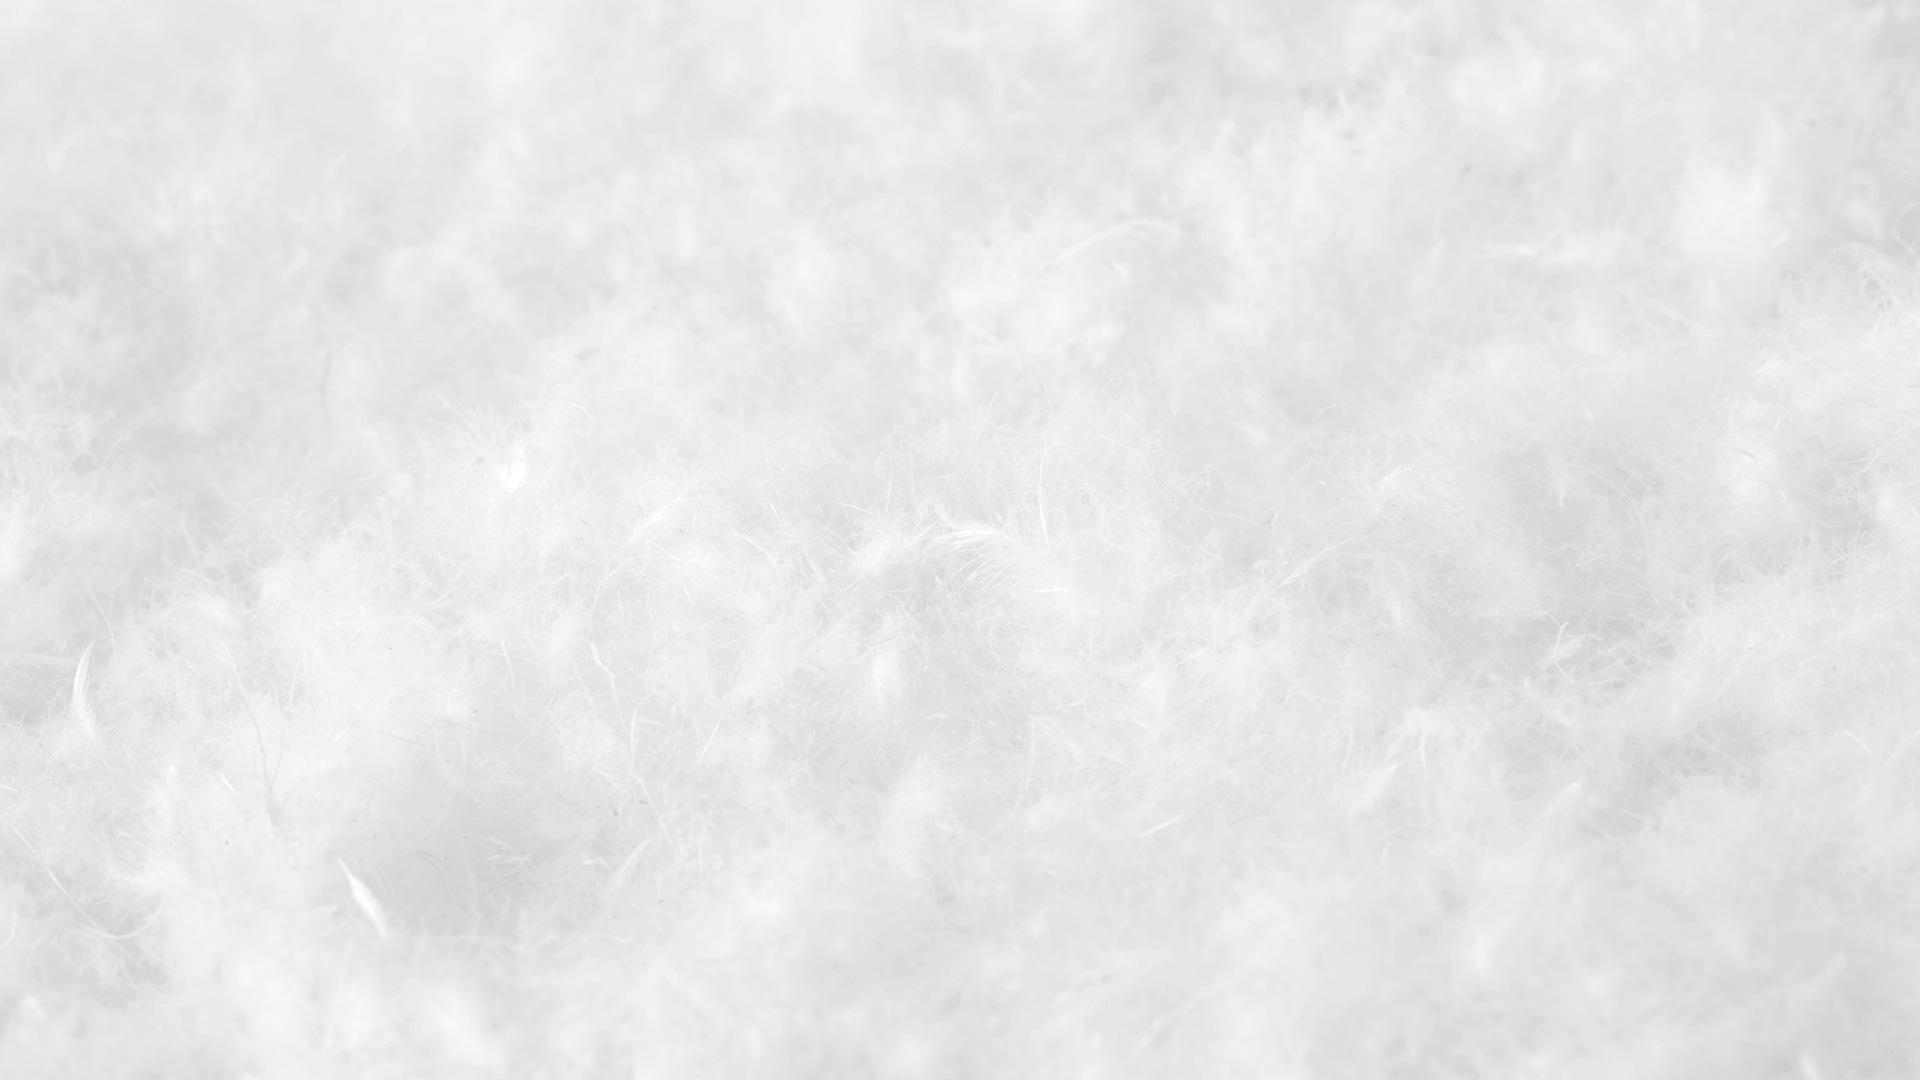 填充净重、含绒量以及蓬松度三个因素决定了鸭绒性能的好坏。我们取白鸭翅下、腹下的朵状初生绒毛,经过8个流程精细加工而成,所得填充鸭绒绒朵大绒梗小,含绒量高达80%。其自身的高透气性更减少螨虫等细菌滋生。?x-oss-process=image/format,jpg/interlace,1